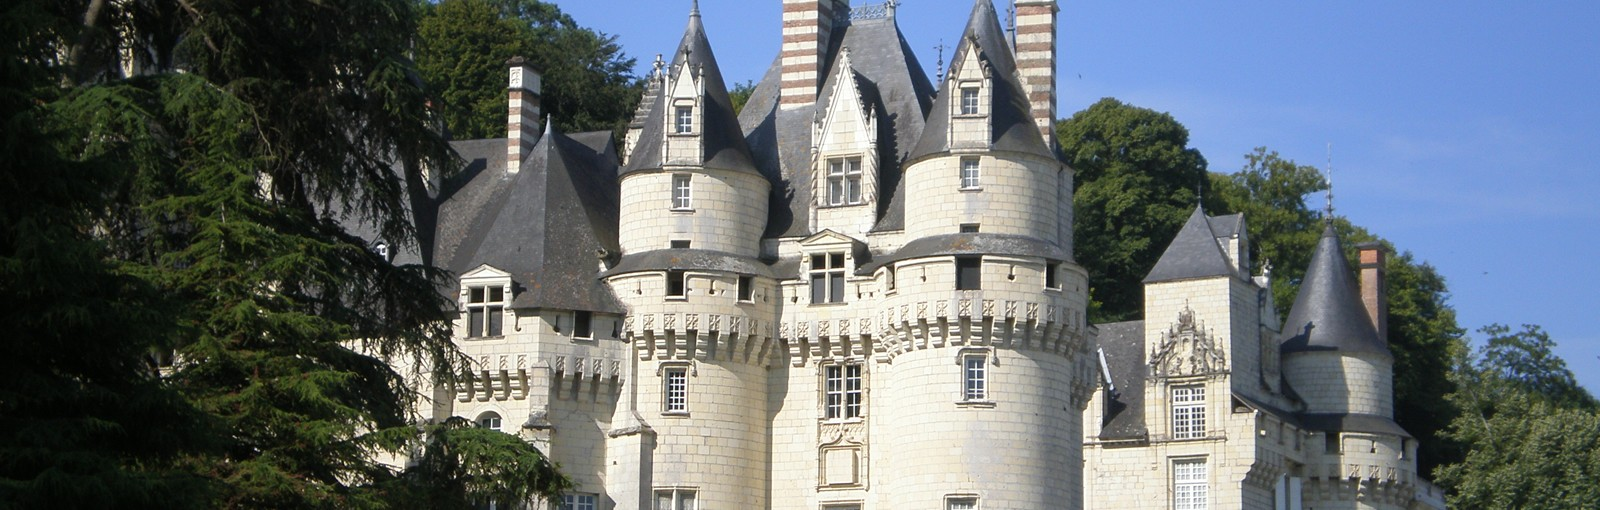 Tours Paris – Champagne - Burgundy – Berry – Loire Valley - Paris - Multi-regional - Multiday tours from Paris